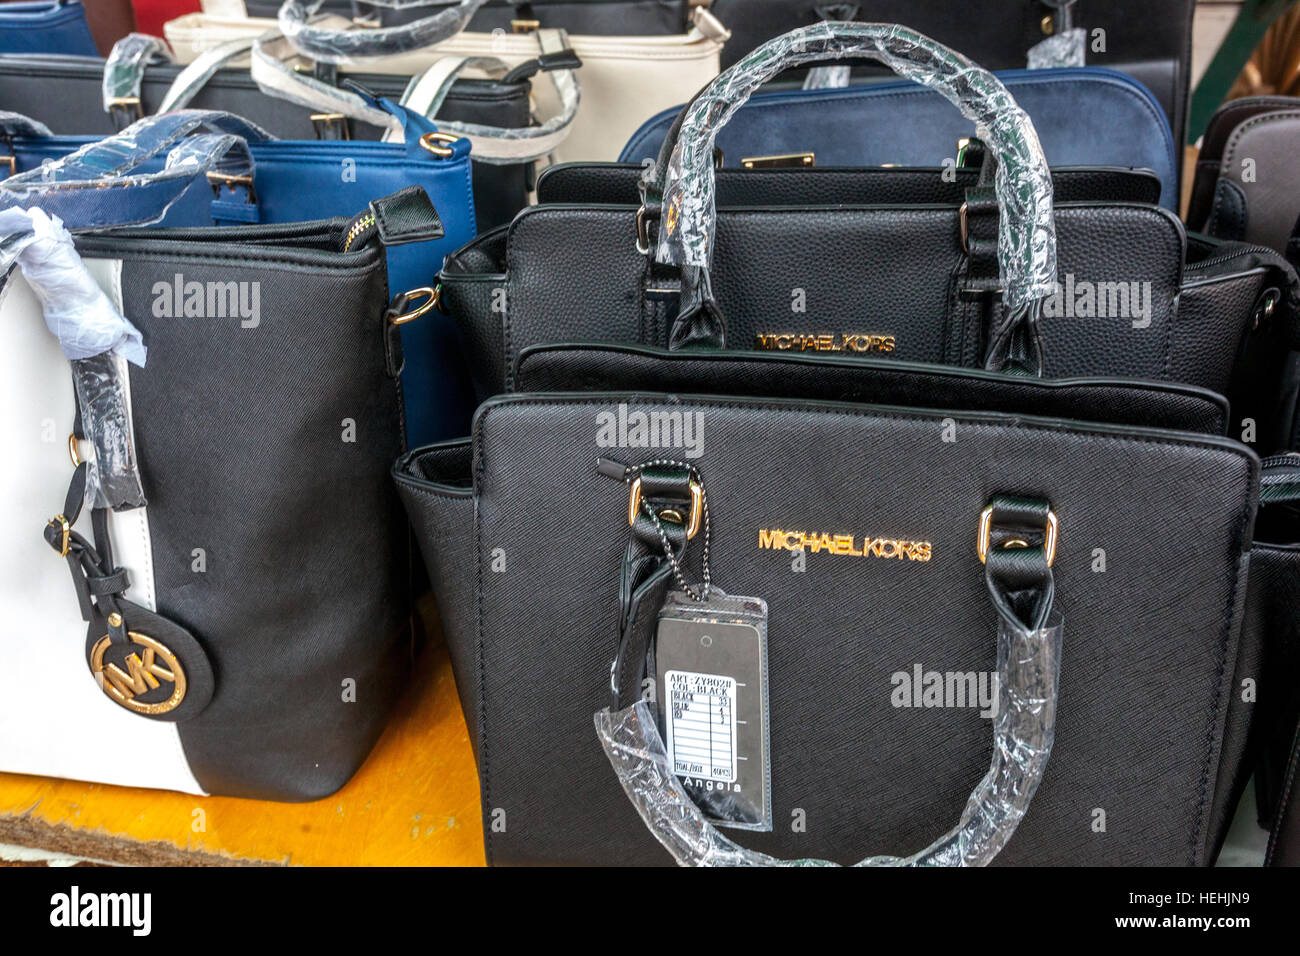 dee93d233579e Verkauf von gefälschten Handtaschen bekannte Marke Michael Kors ...